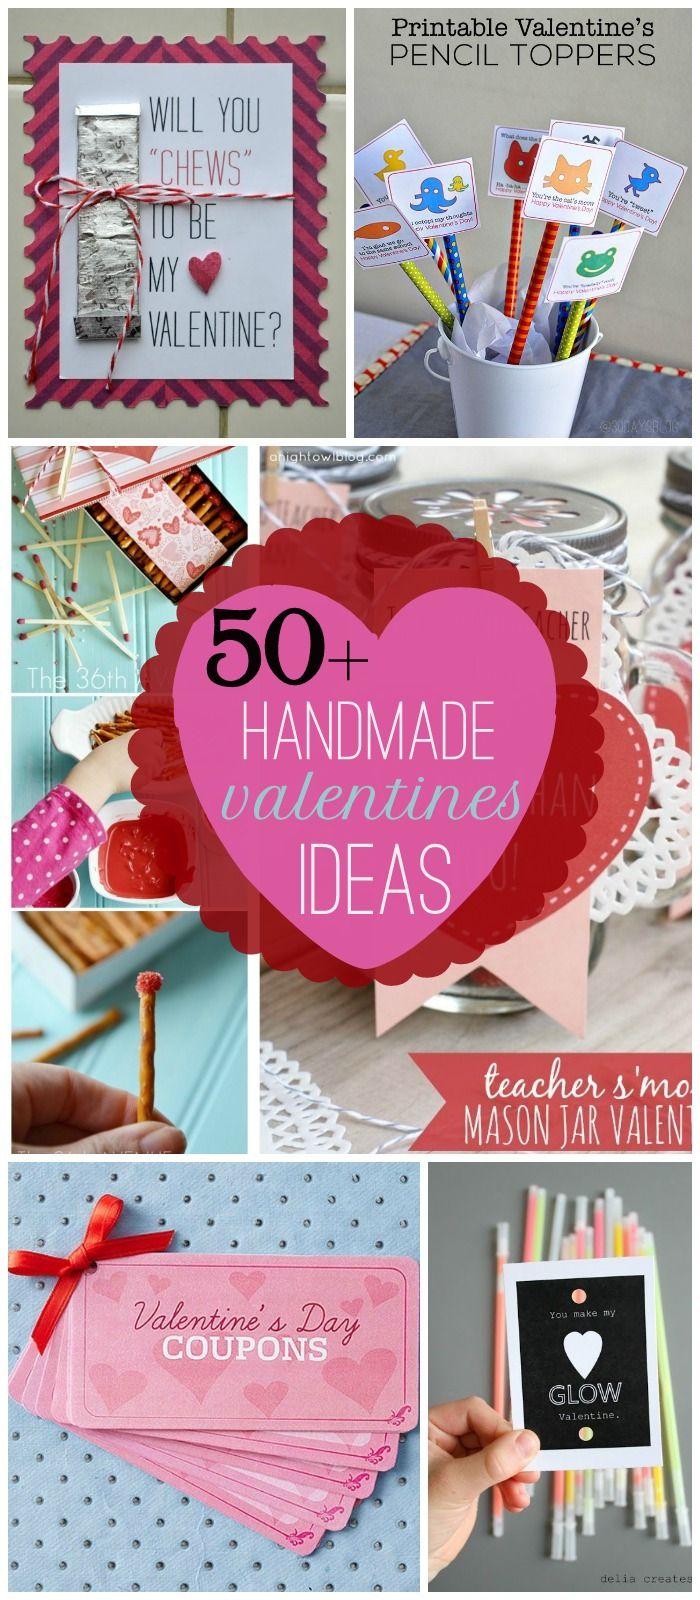 50 + handmade valentine's ideas (lil' luna) | valentines day